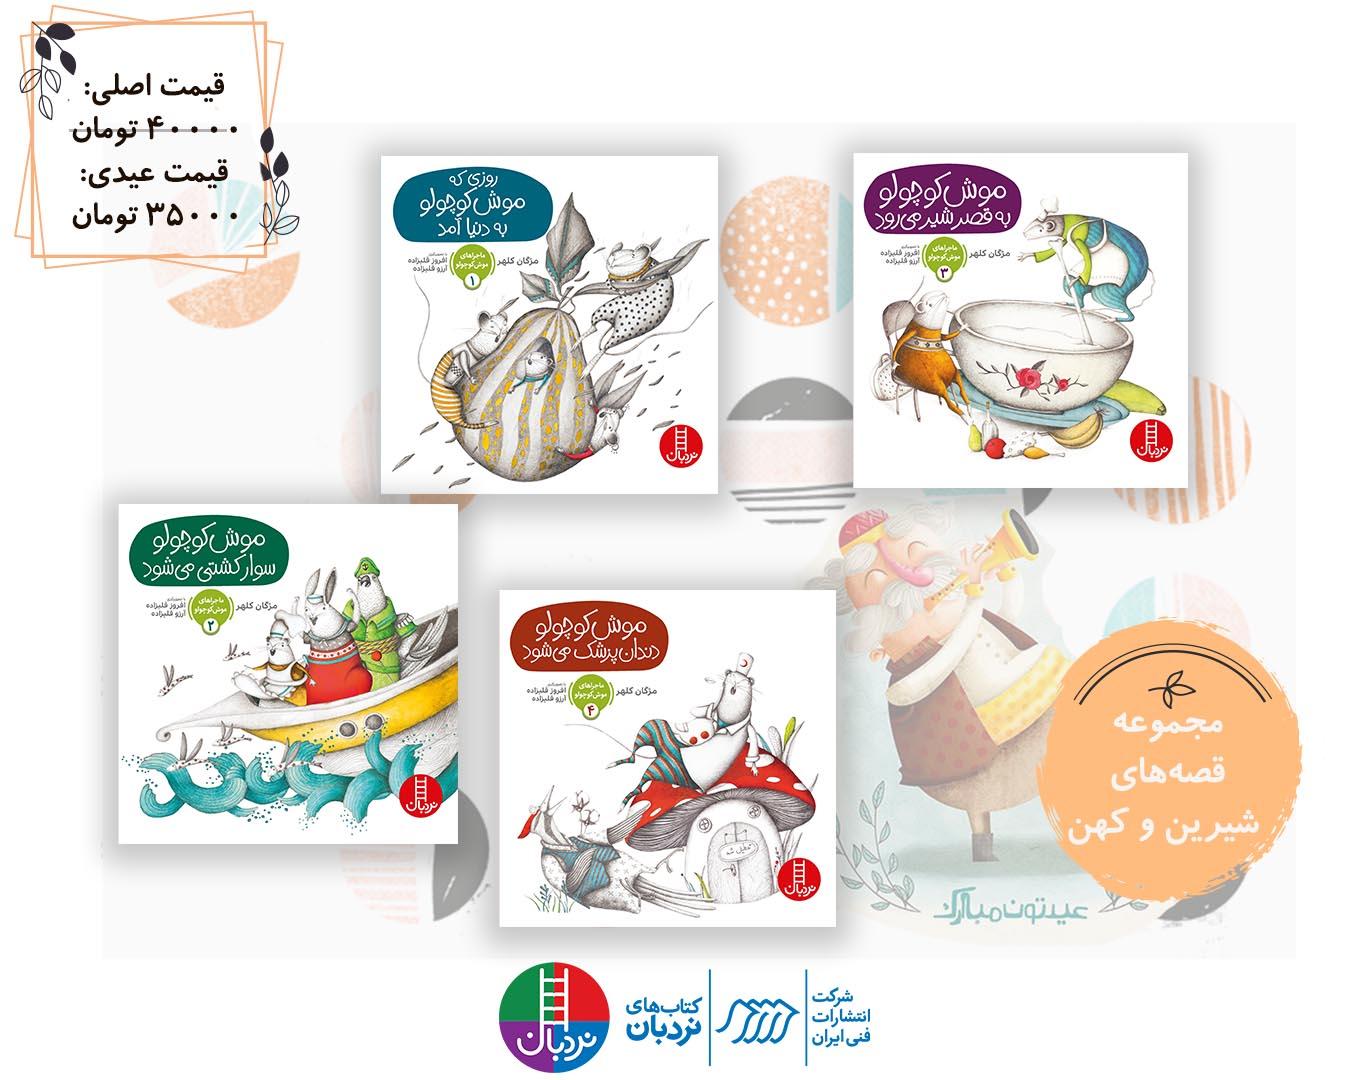 بسته عیدی موش کوچولو (قصههای کهن)...